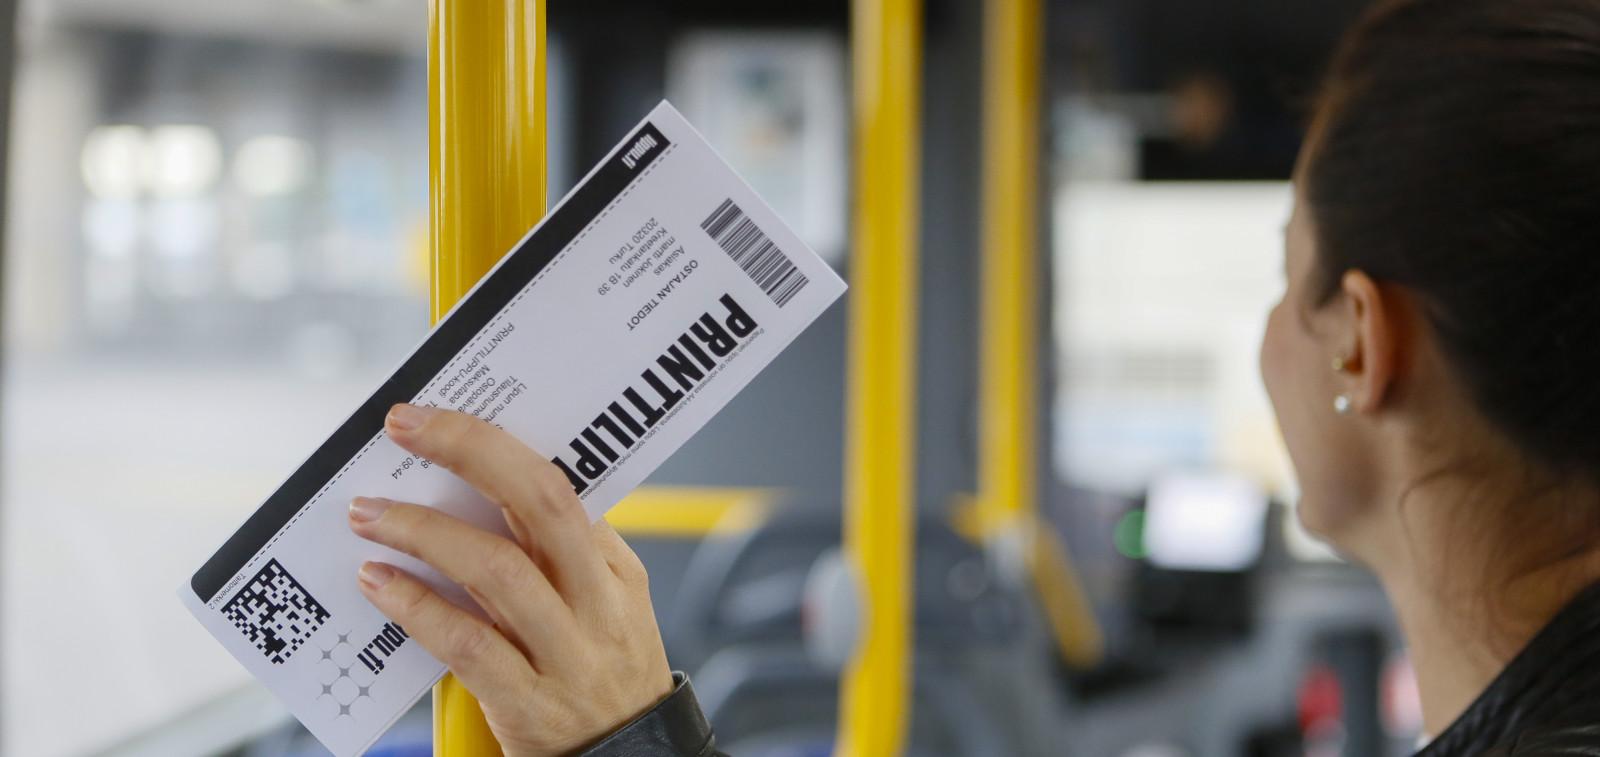 Nainen seisoo teatterilipun kanssa bussissa.